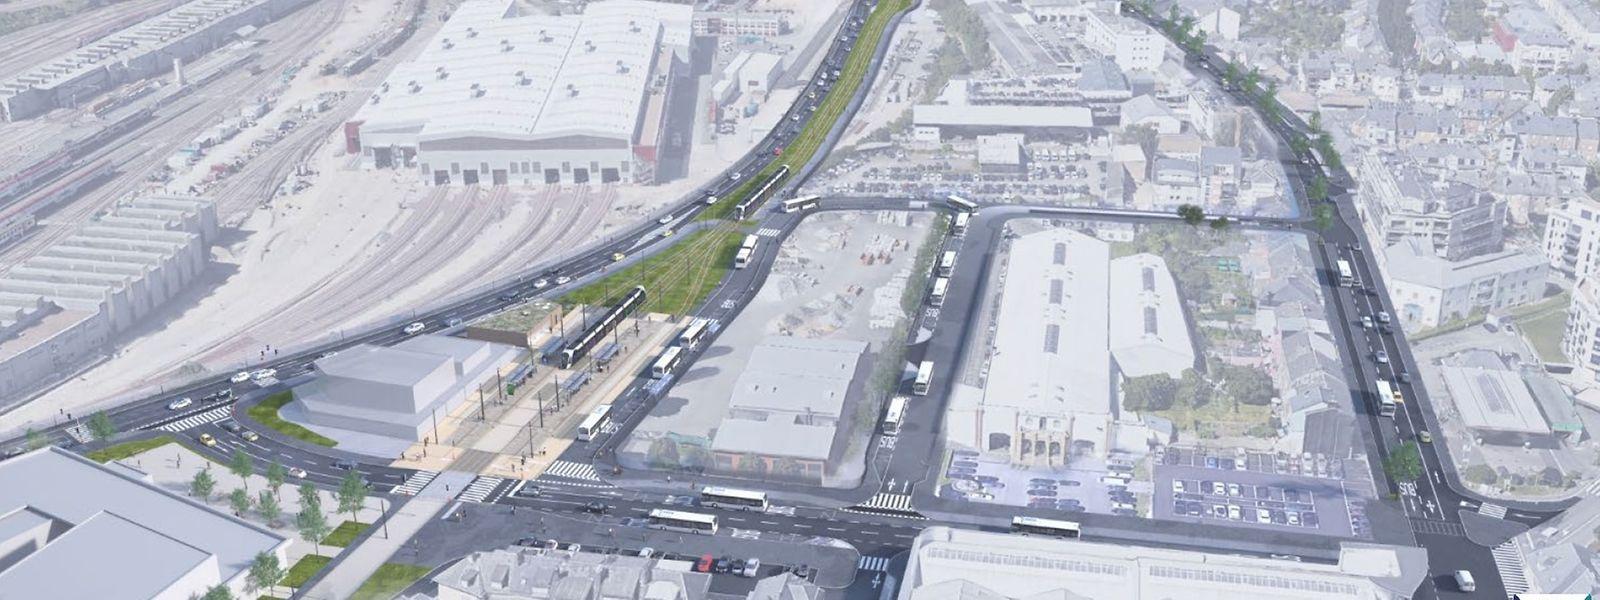 Le tronçon entre la gare centrale et le LTB s'intègre dans une réorganisation profonde du trafic entre la capitale et le sud du pays.